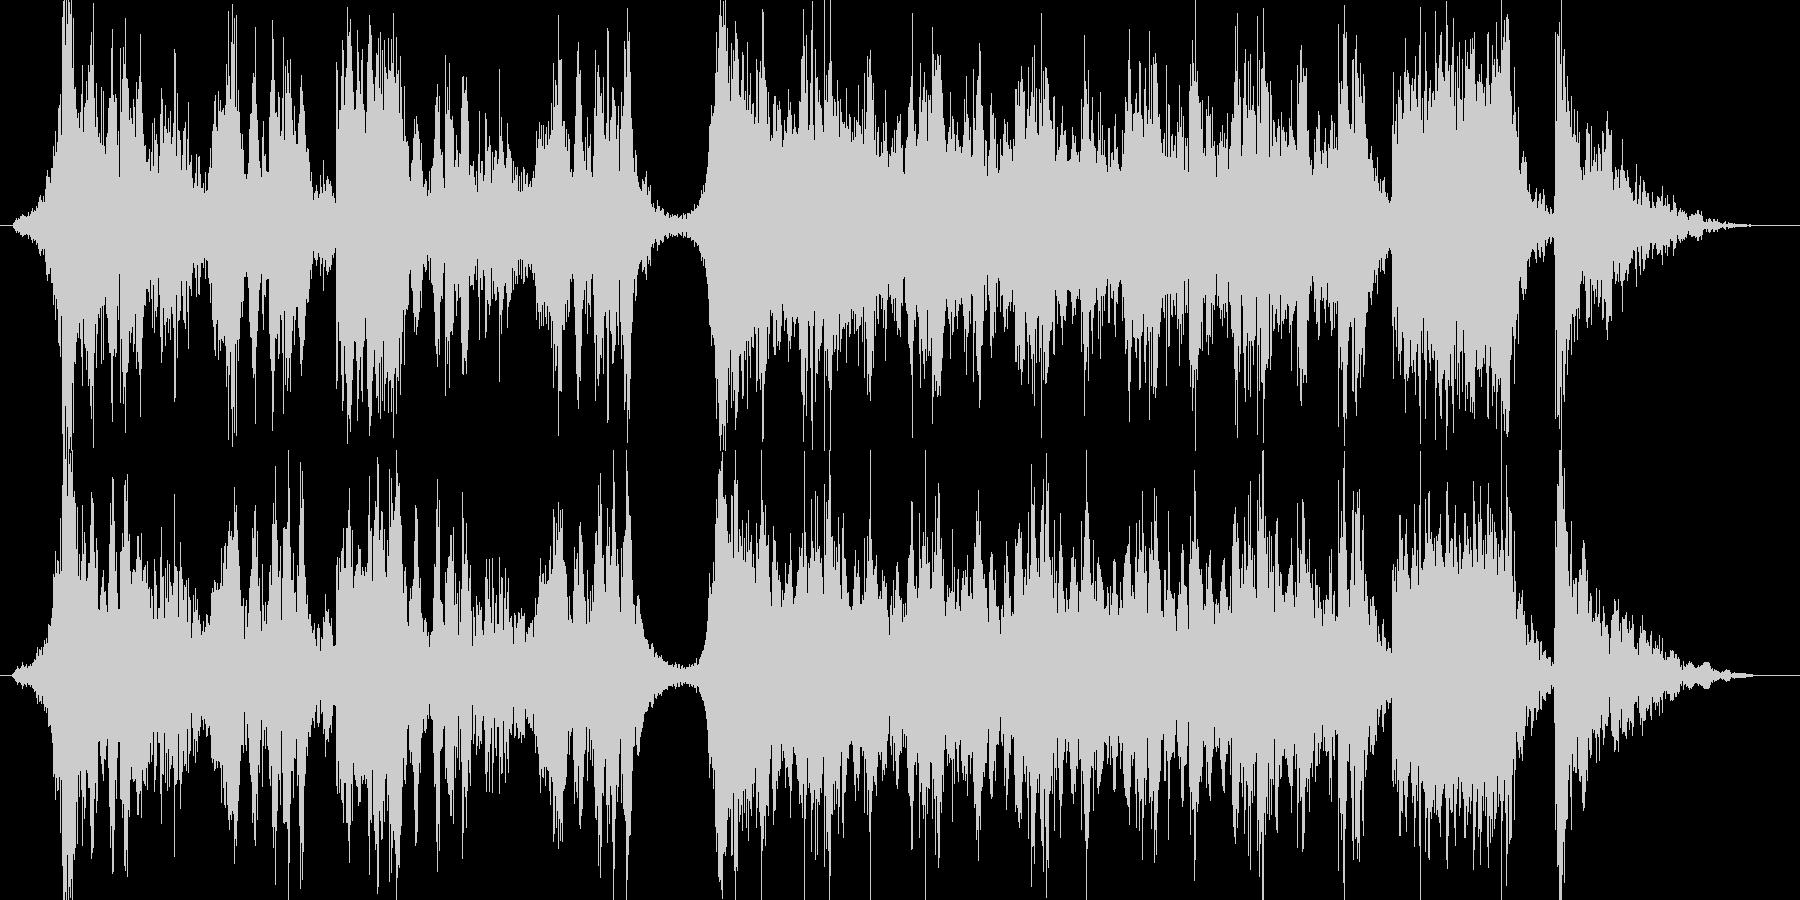 ハリウッド予告編の様な壮大オーケストラの未再生の波形